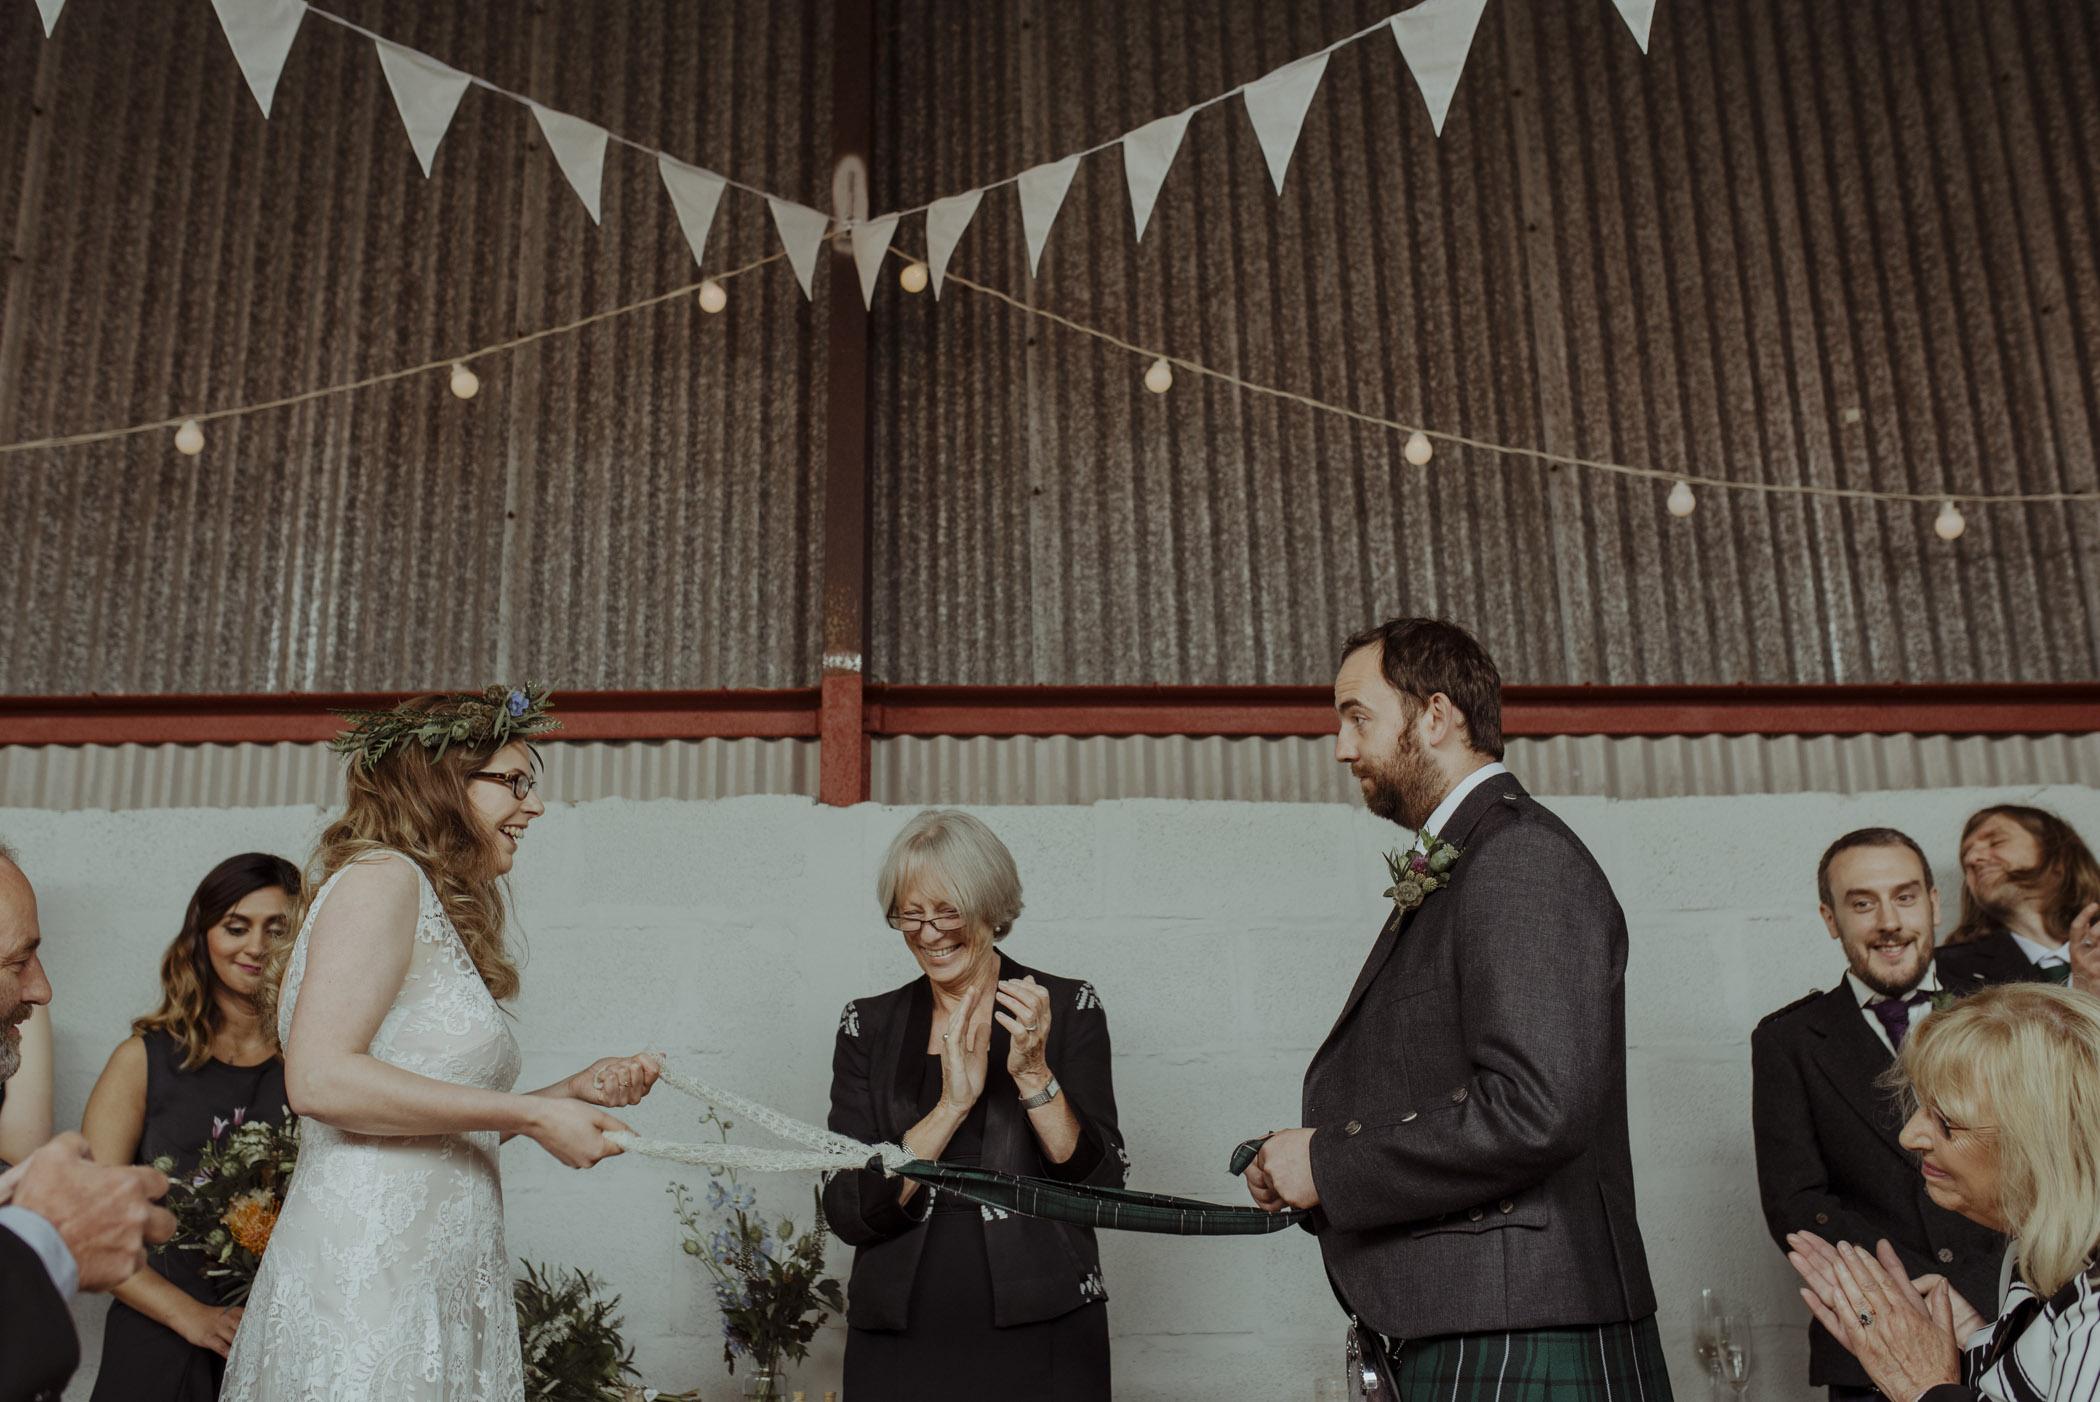 Dalduff Farm Wedding31.jpg